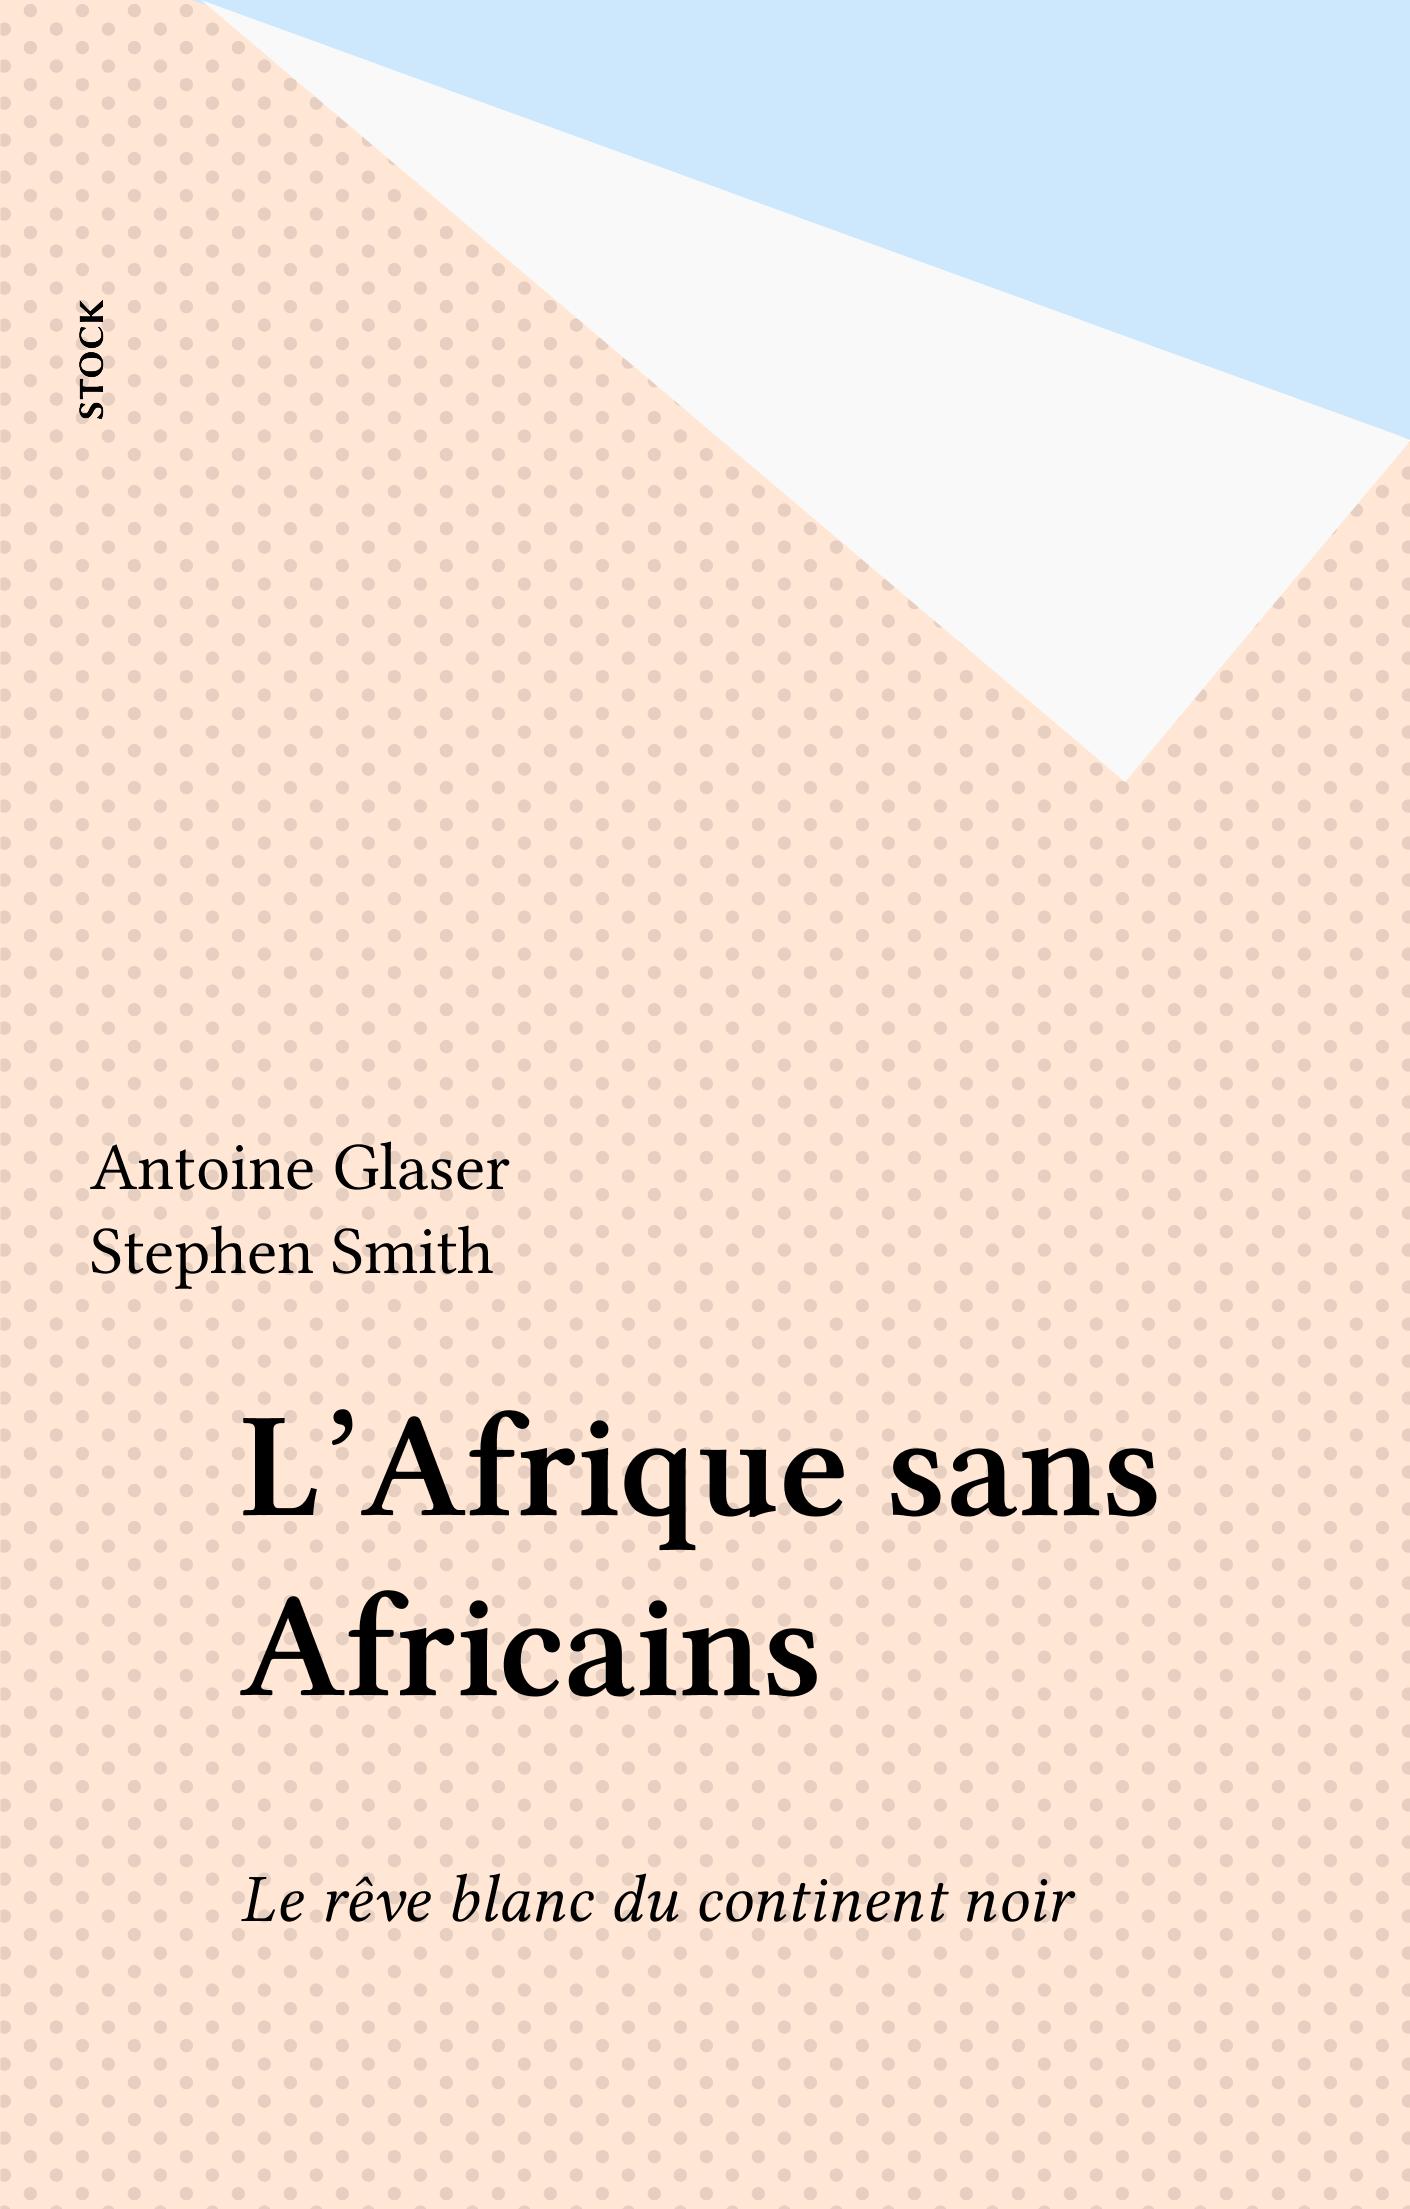 L'Afrique sans Africains, LE RÊVE BLANC DU CONTINENT NOIR